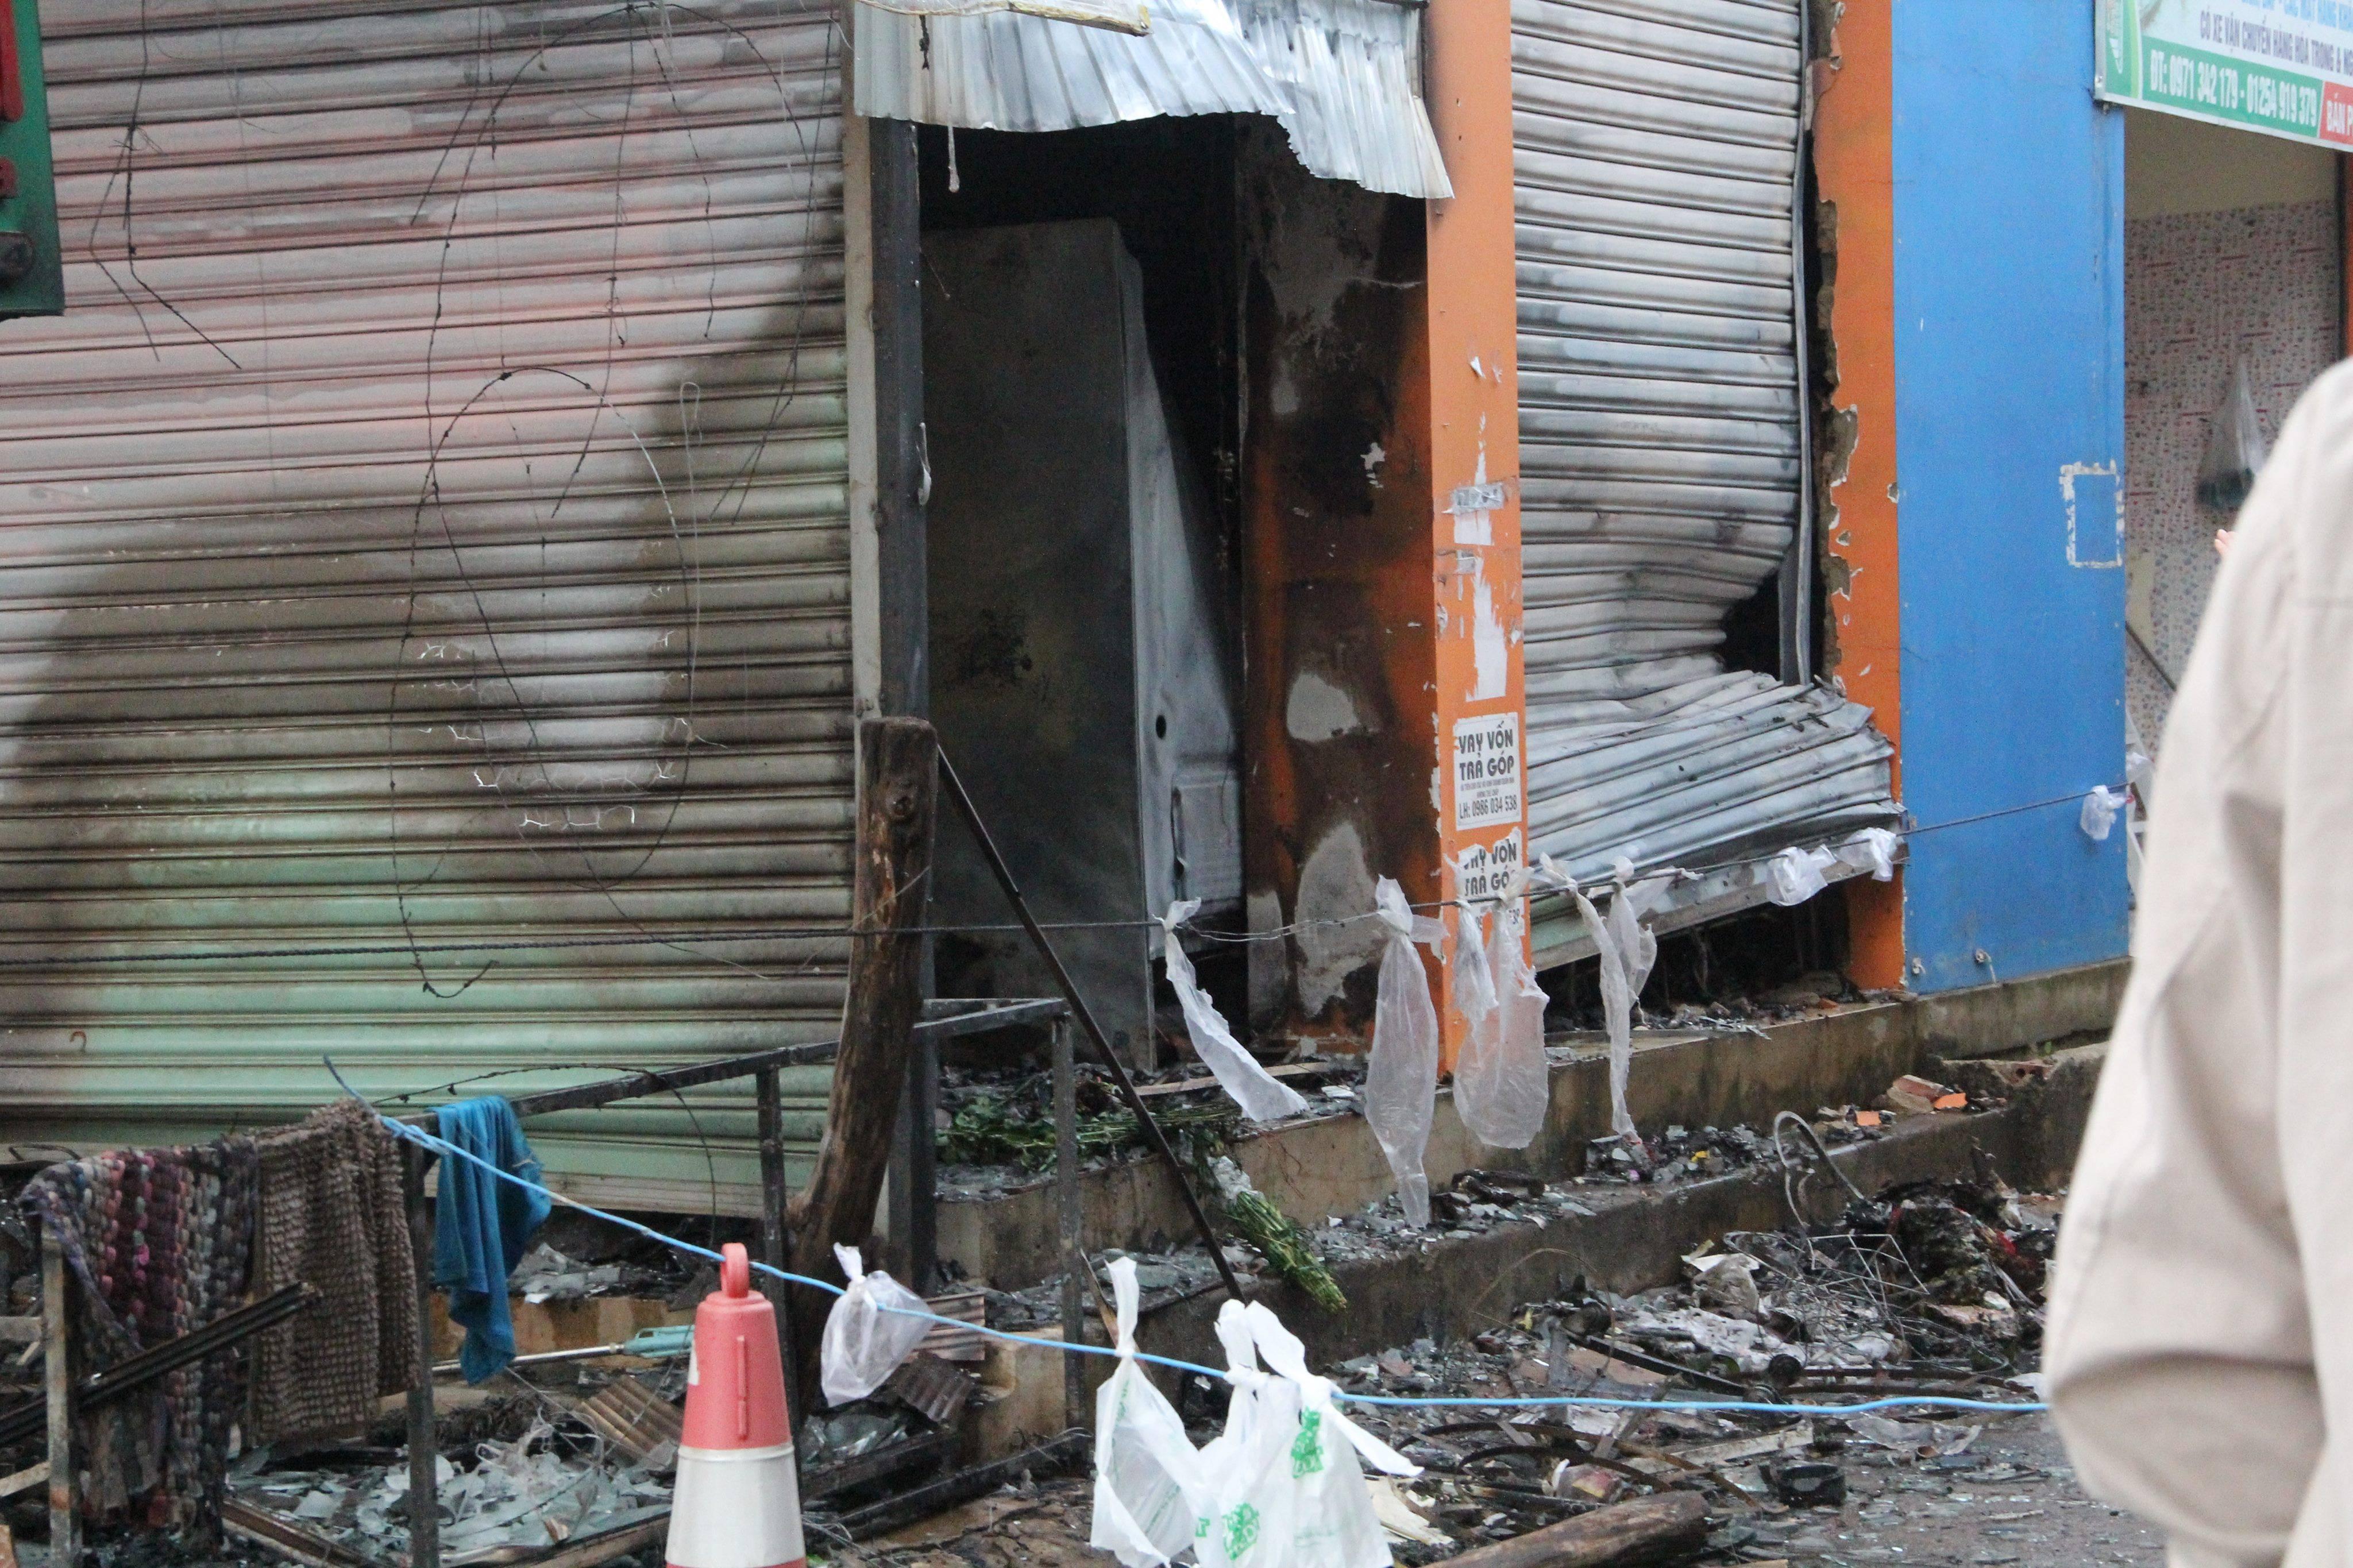 Khởi tố hung thủ phóng hỏa đốt cửa hàng hoa khiến 2 thiếu nữ tử vong - Ảnh 2